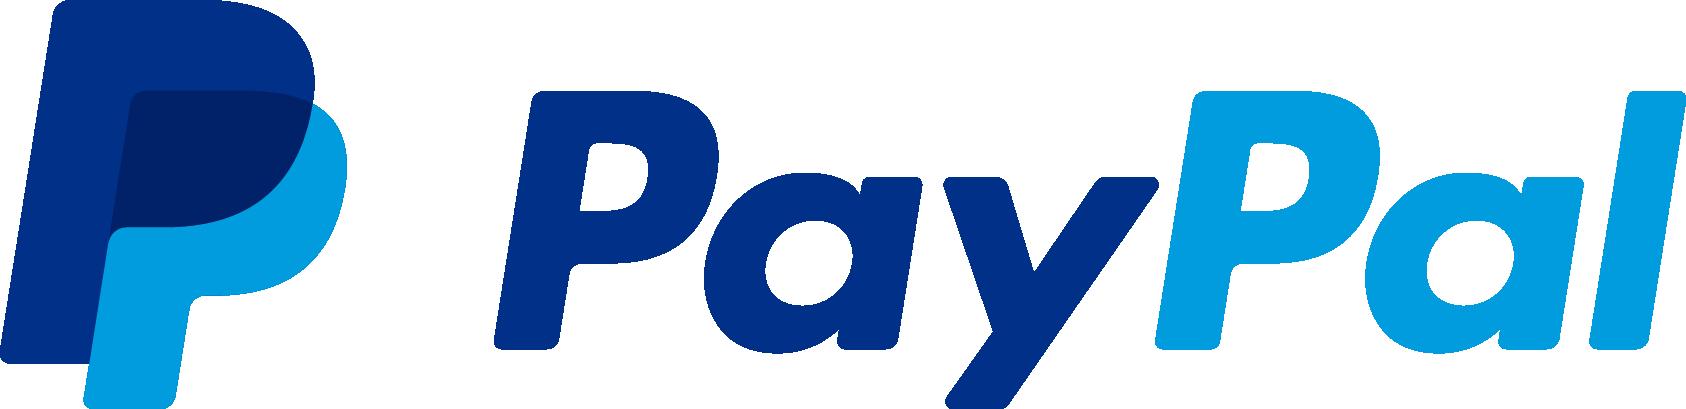 PayPal propone soluciones innovadoras para combatir la pandemia -  Emprendedores.es